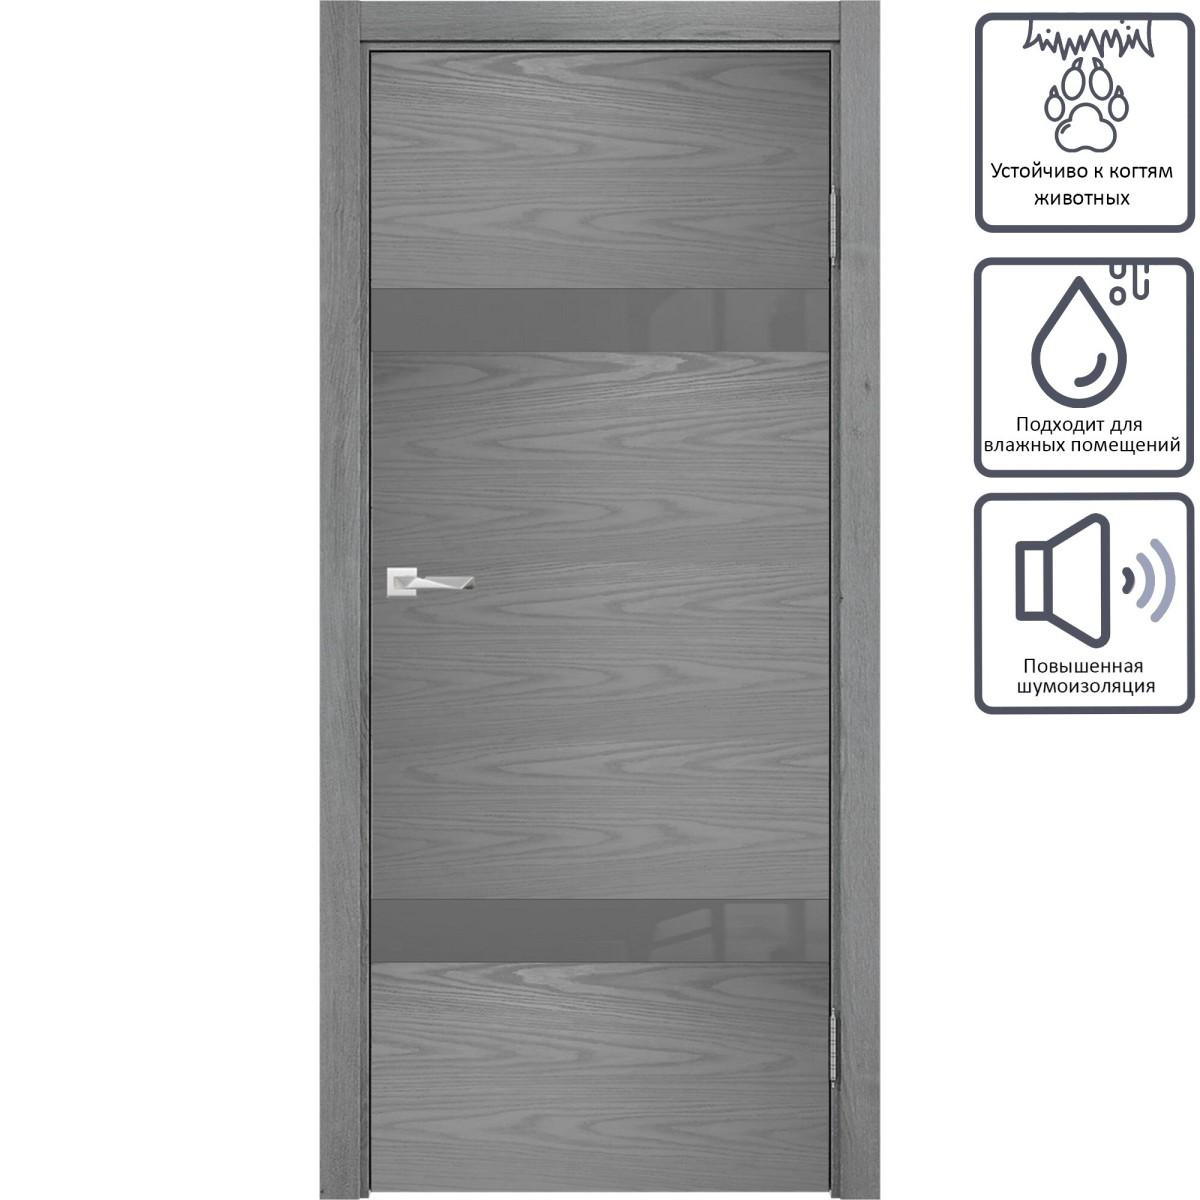 Дверь межкомнатная остеклённая с замком в комплекте Триумф 200x80 см ПВХ цвет серый